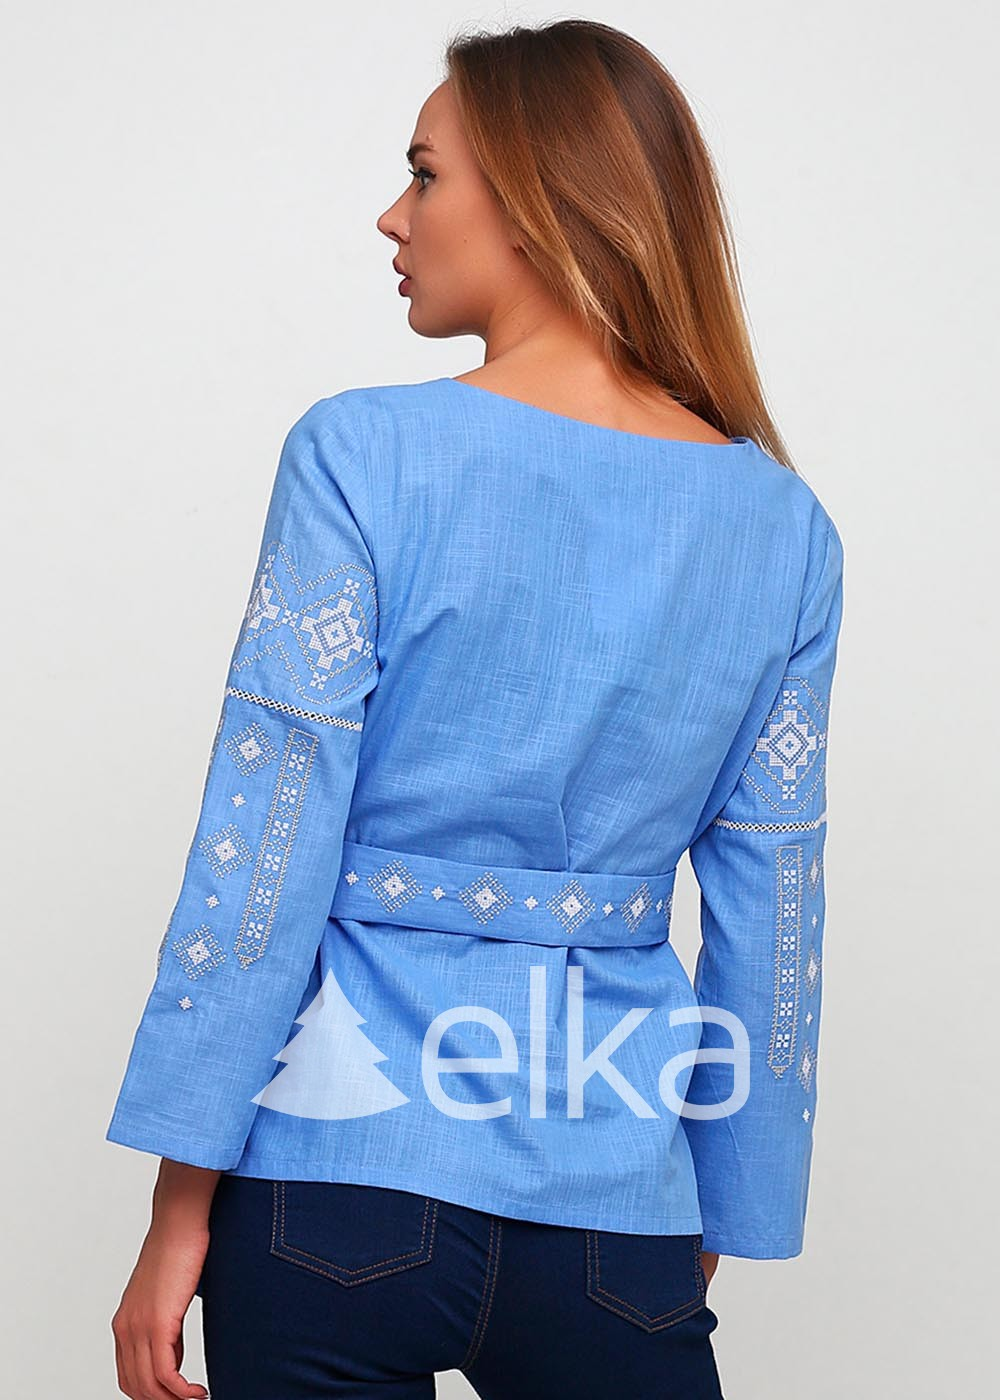 Вышиванка женская Традиция синяя